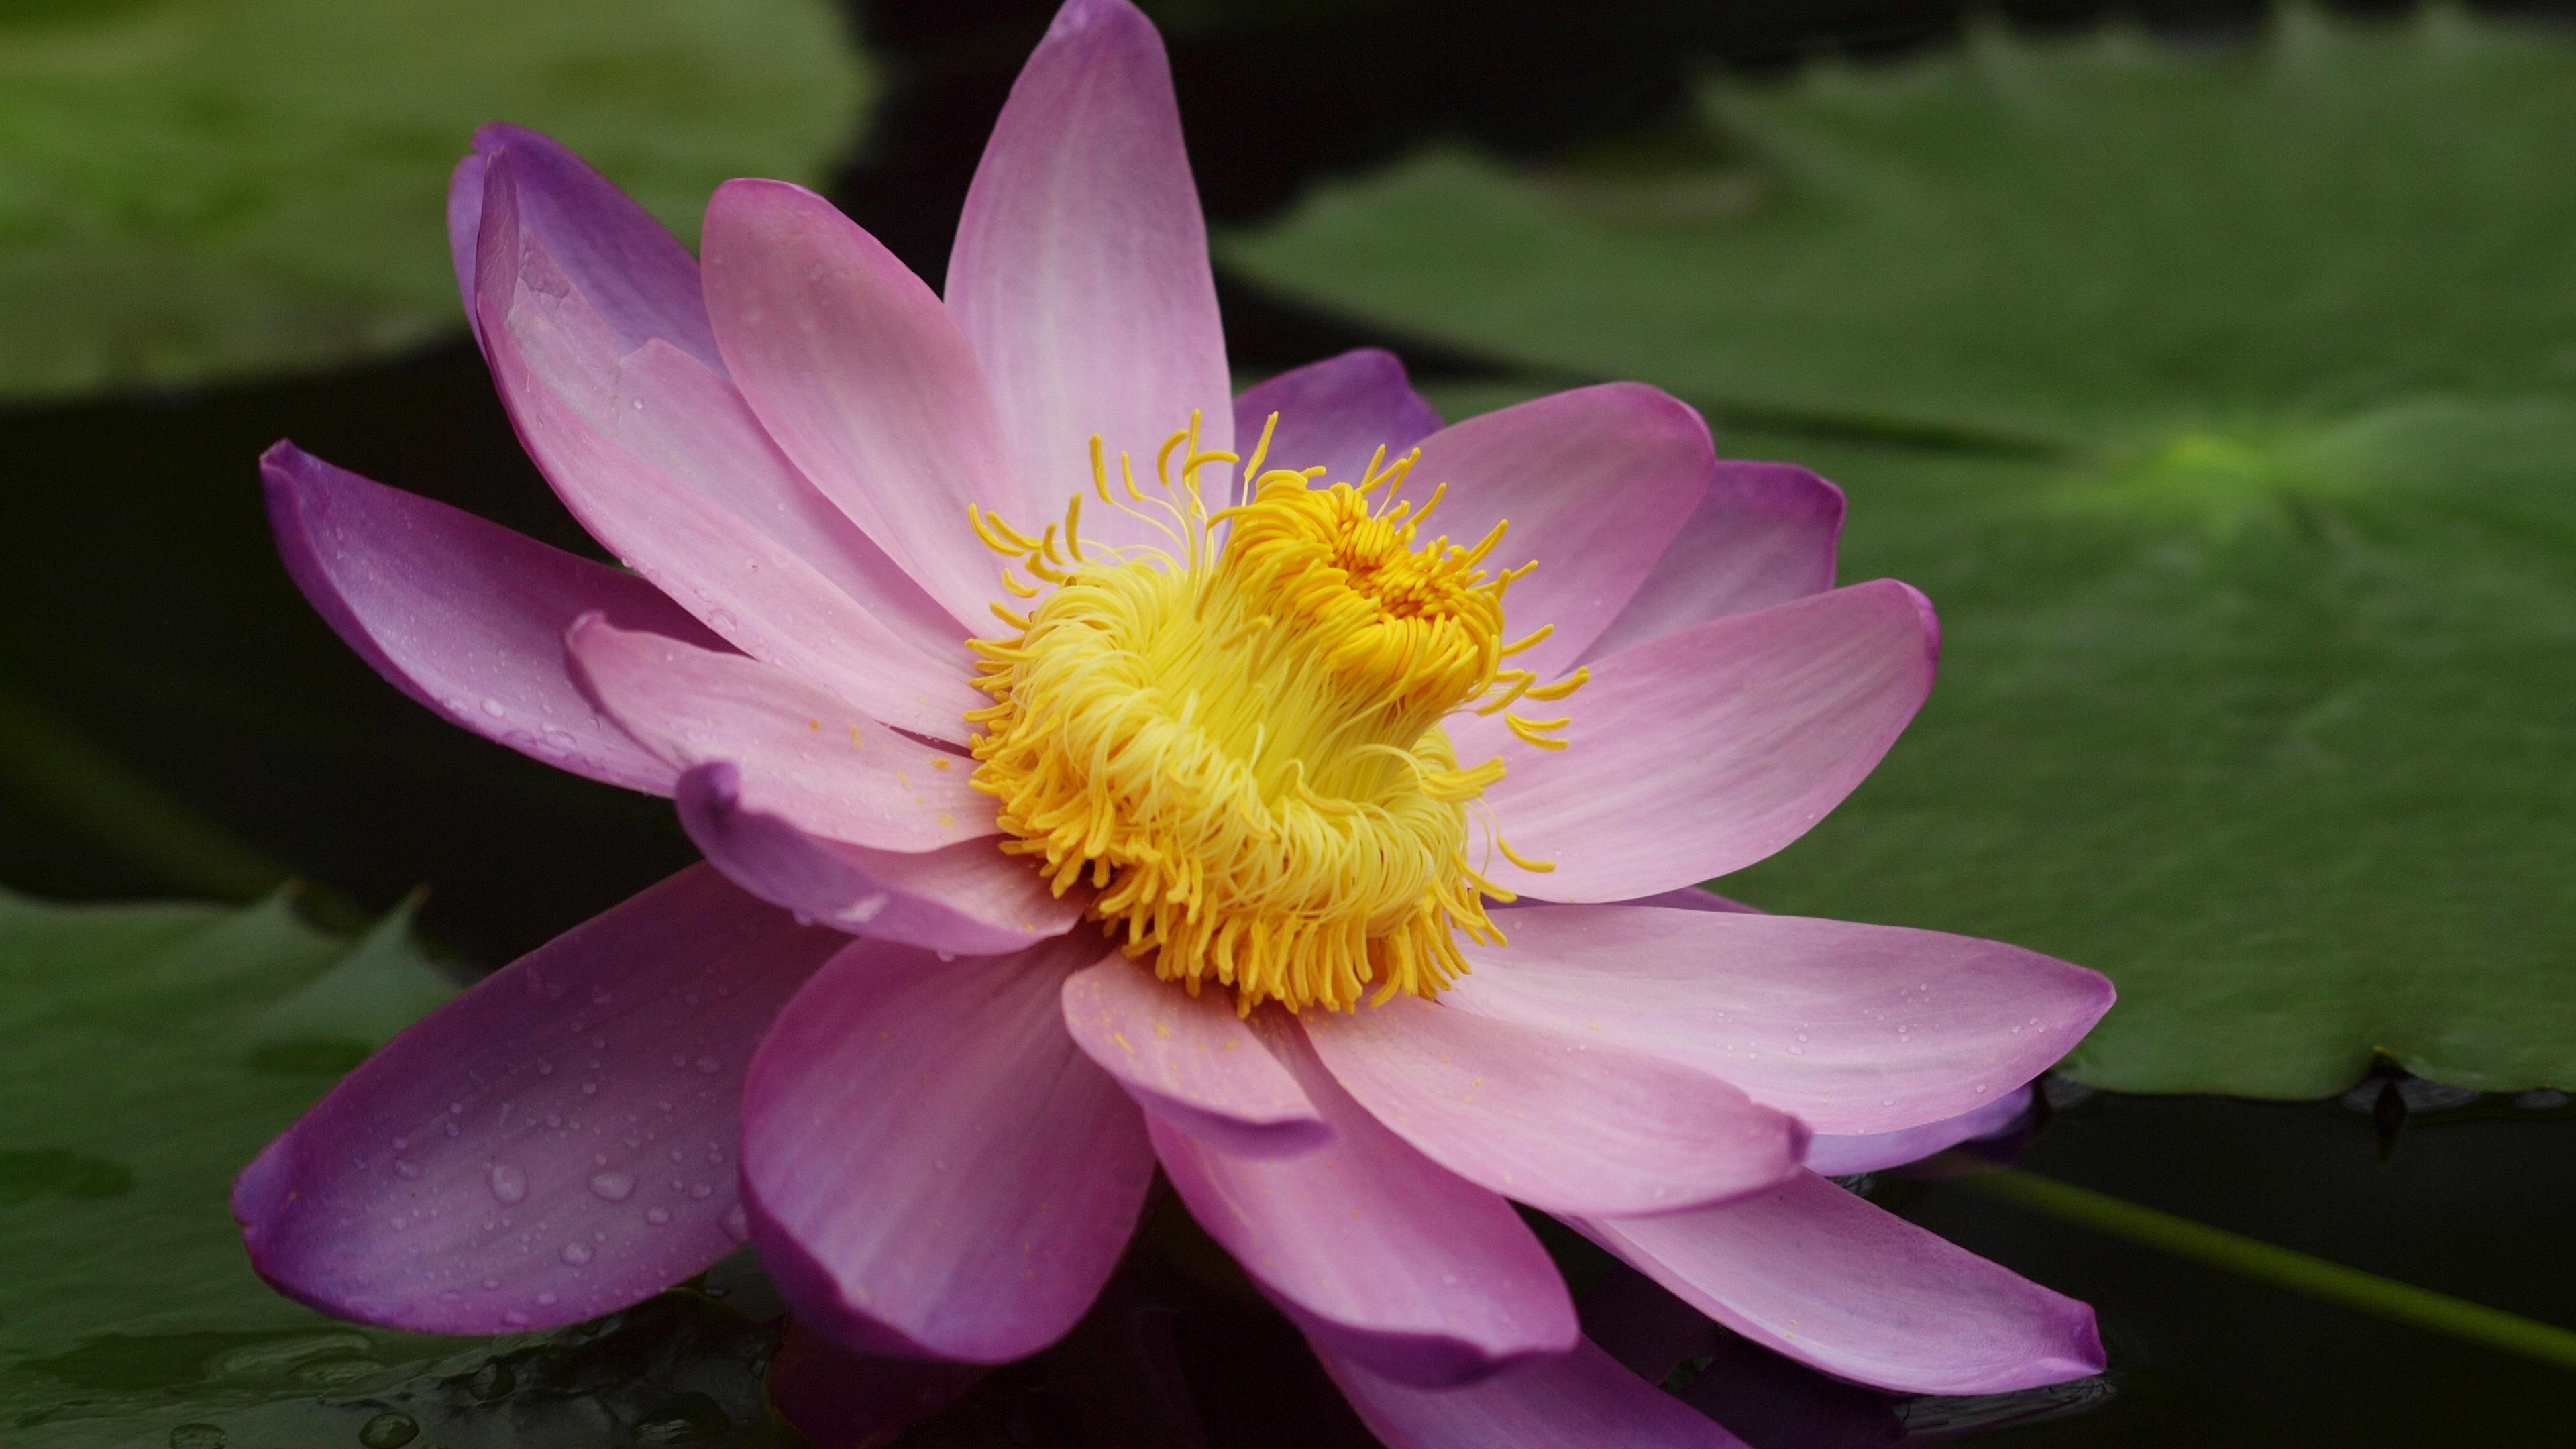 лилия, озеро, листья без регистрации